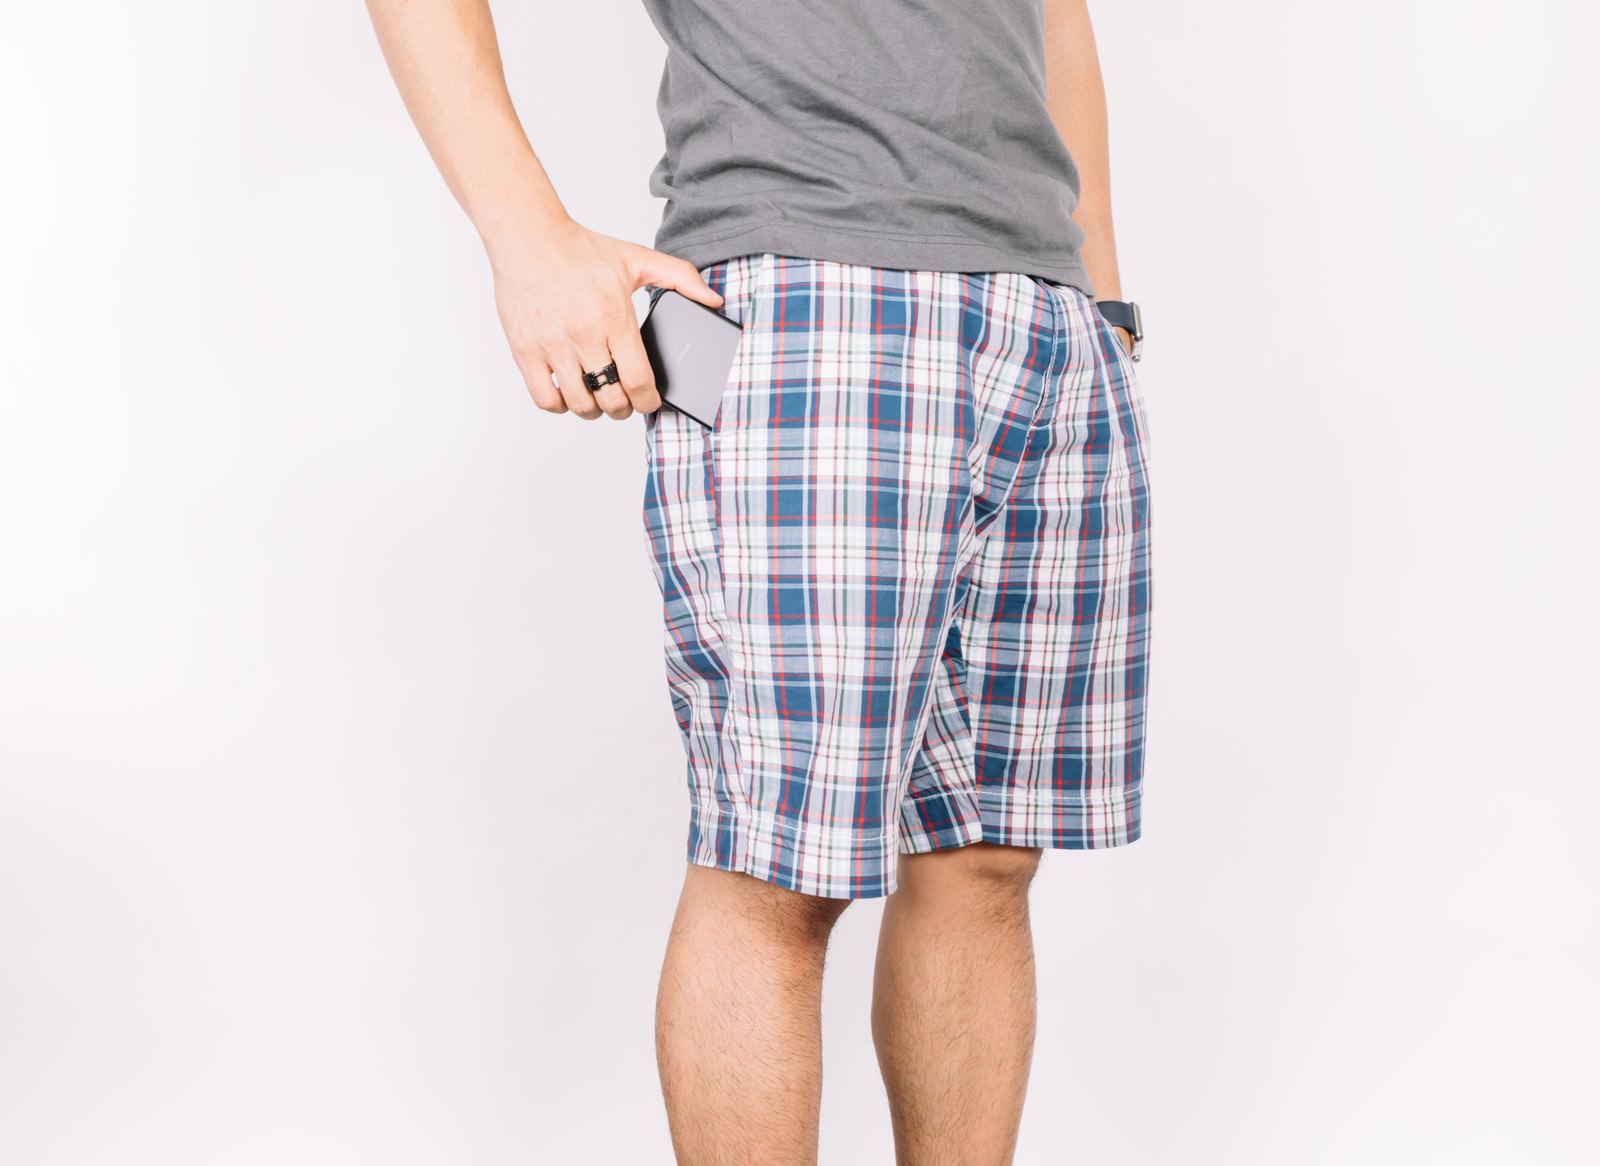 「大きすぎないスマホはポケットにちょうどいい大きすぎないスマホはポケットにちょうどいい」のフリー写真素材を拡大